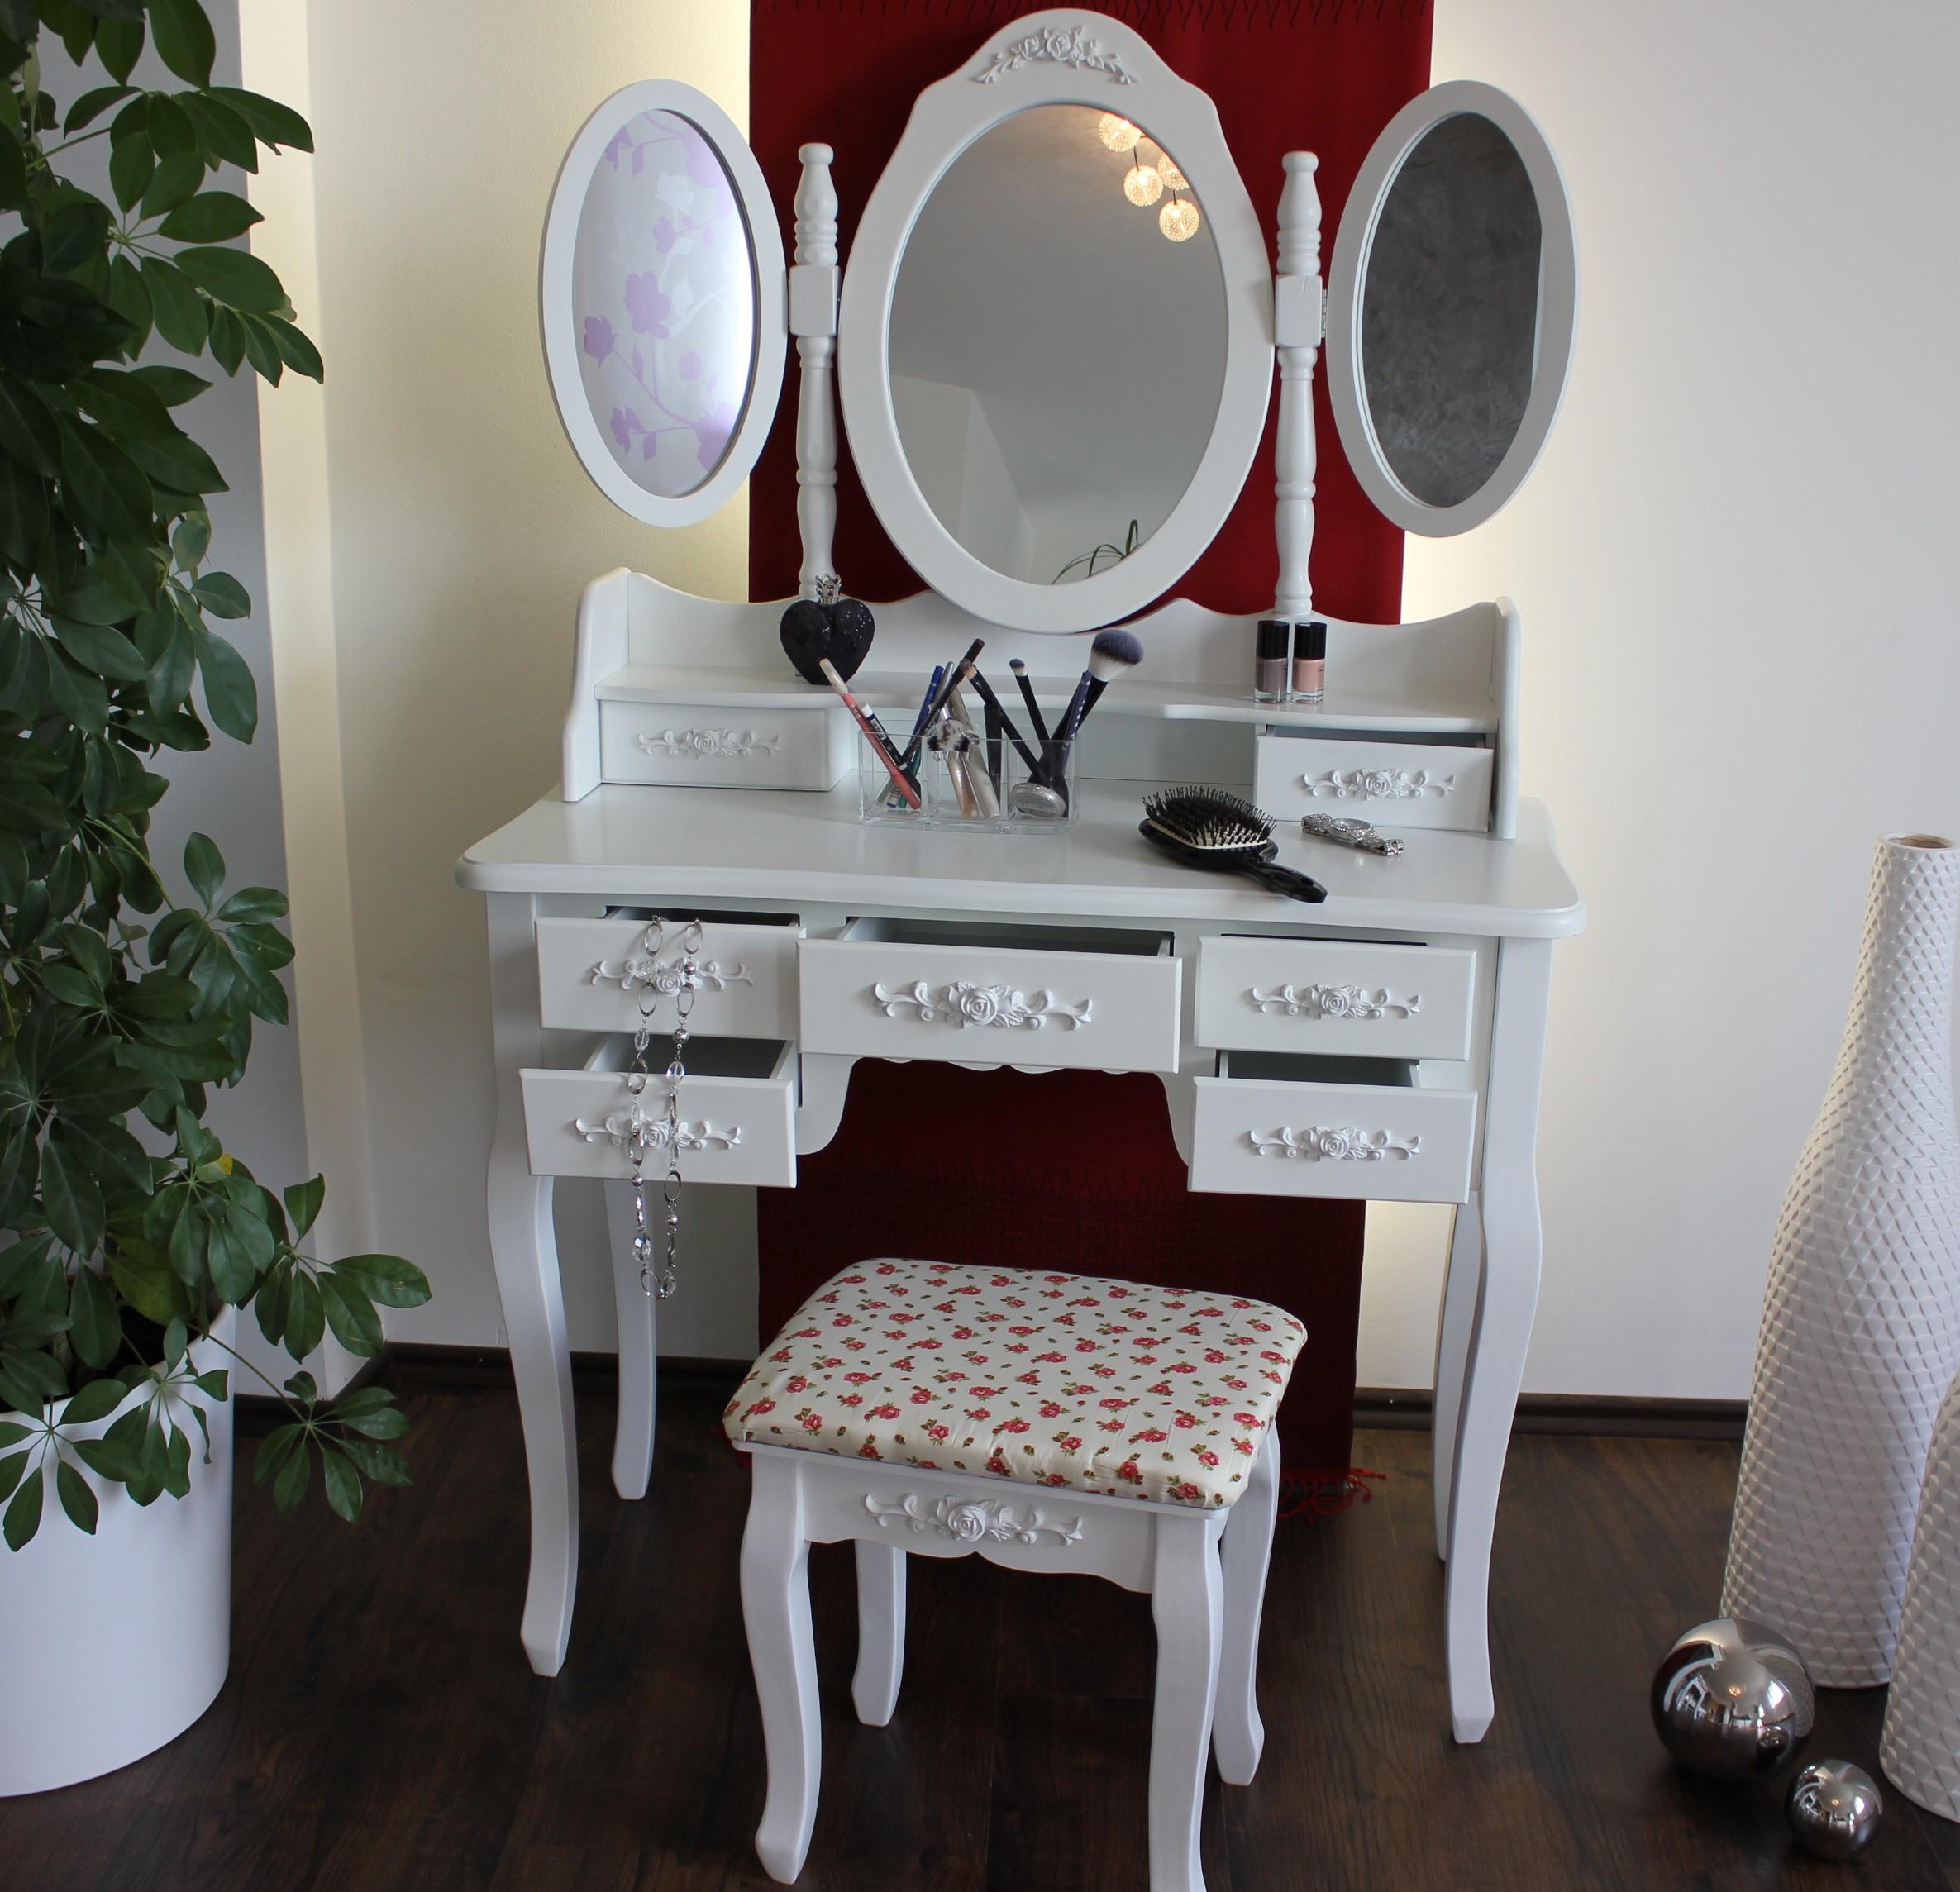 xxl schminktisch inkl hocker spiegel frisiertisch kosmetiktisch landhaus weiss ebay. Black Bedroom Furniture Sets. Home Design Ideas